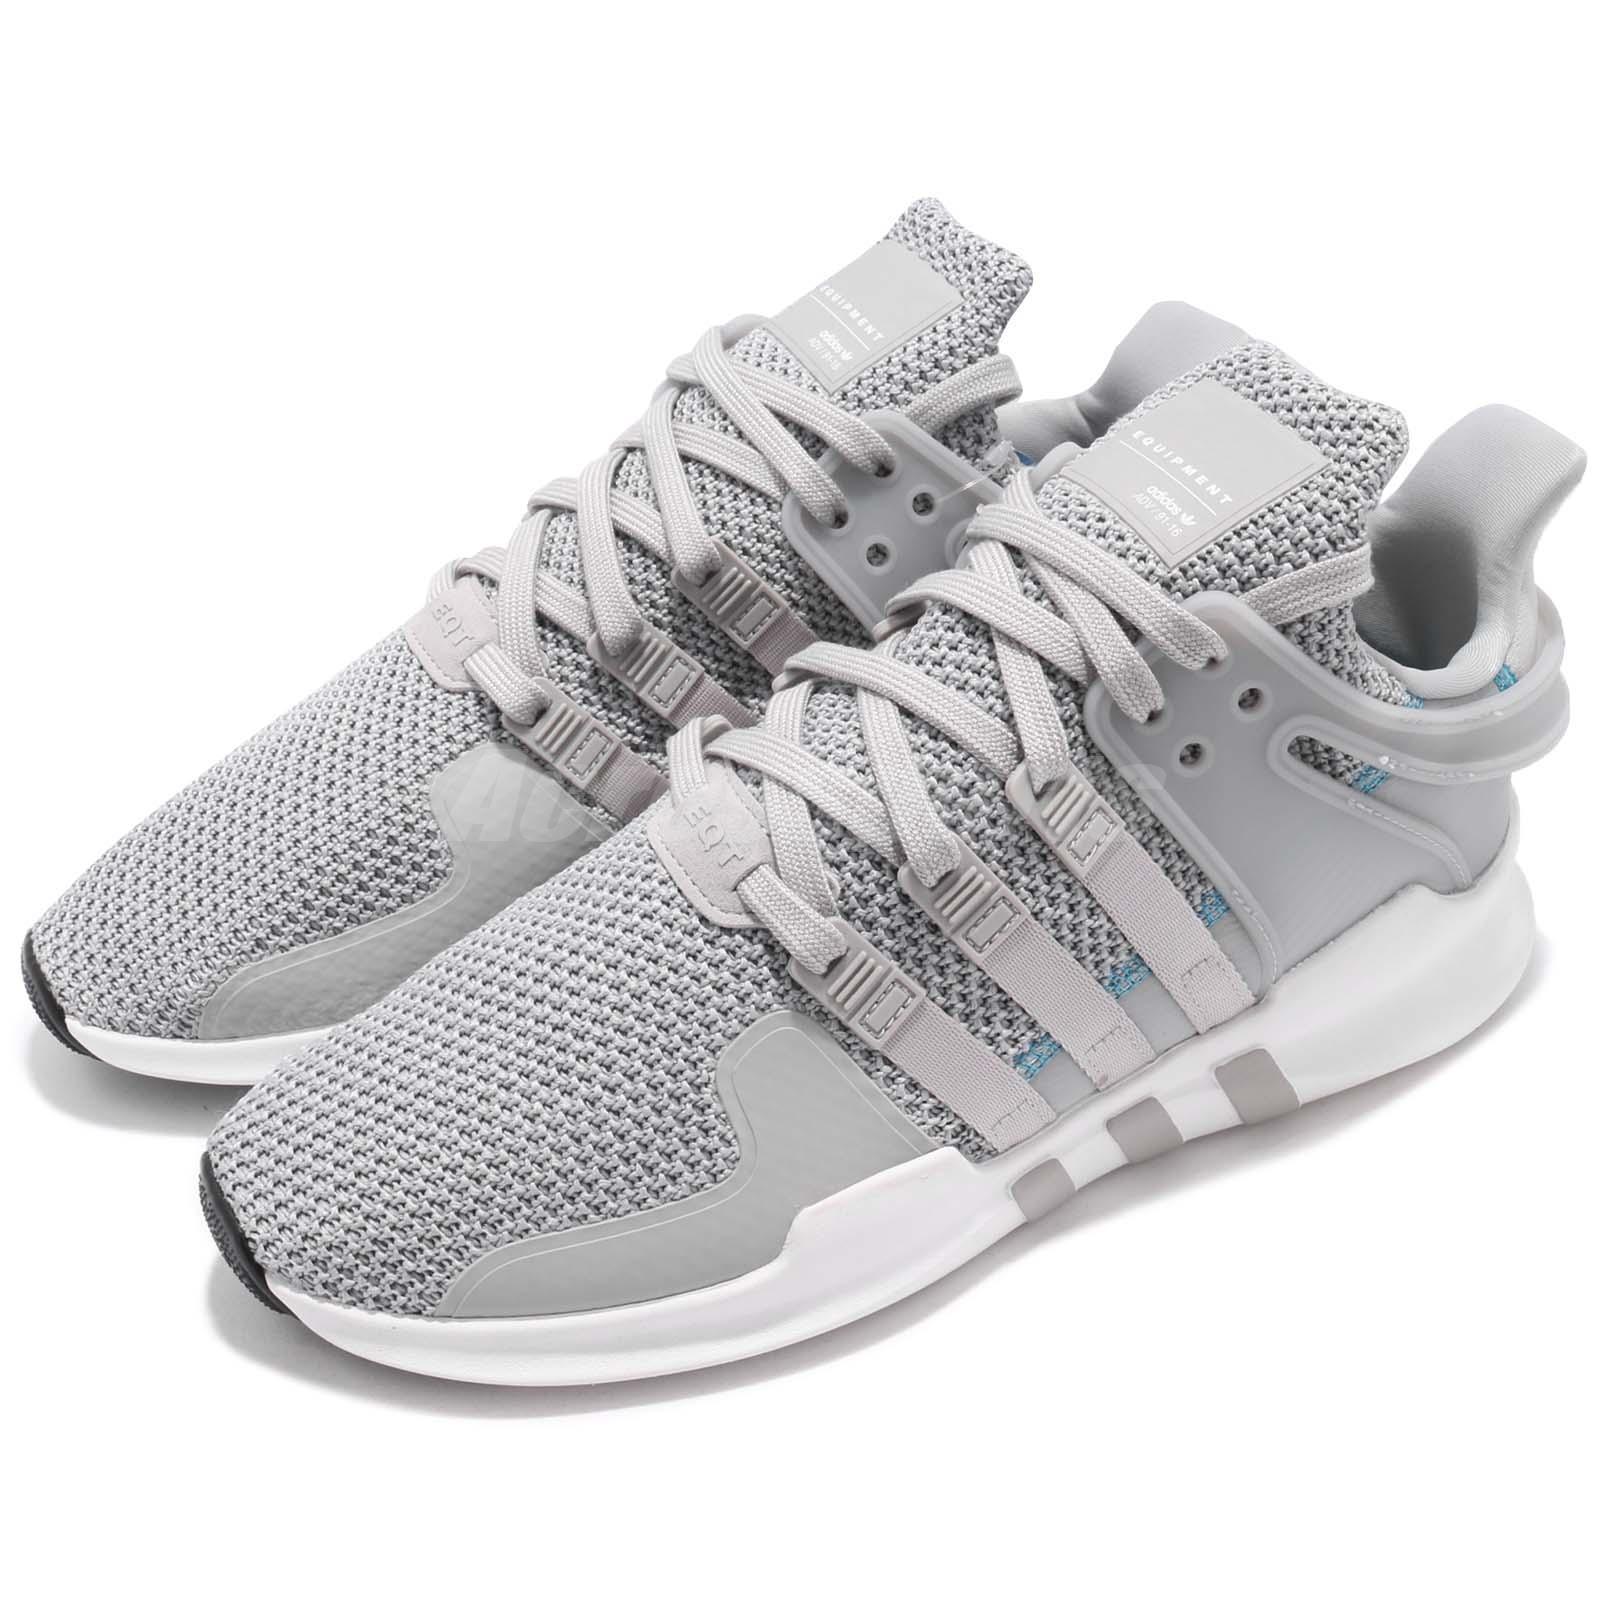 reputable site 36ab4 d024c adidas Originals EQT Support ADV Equipment Grey White Men Women ...